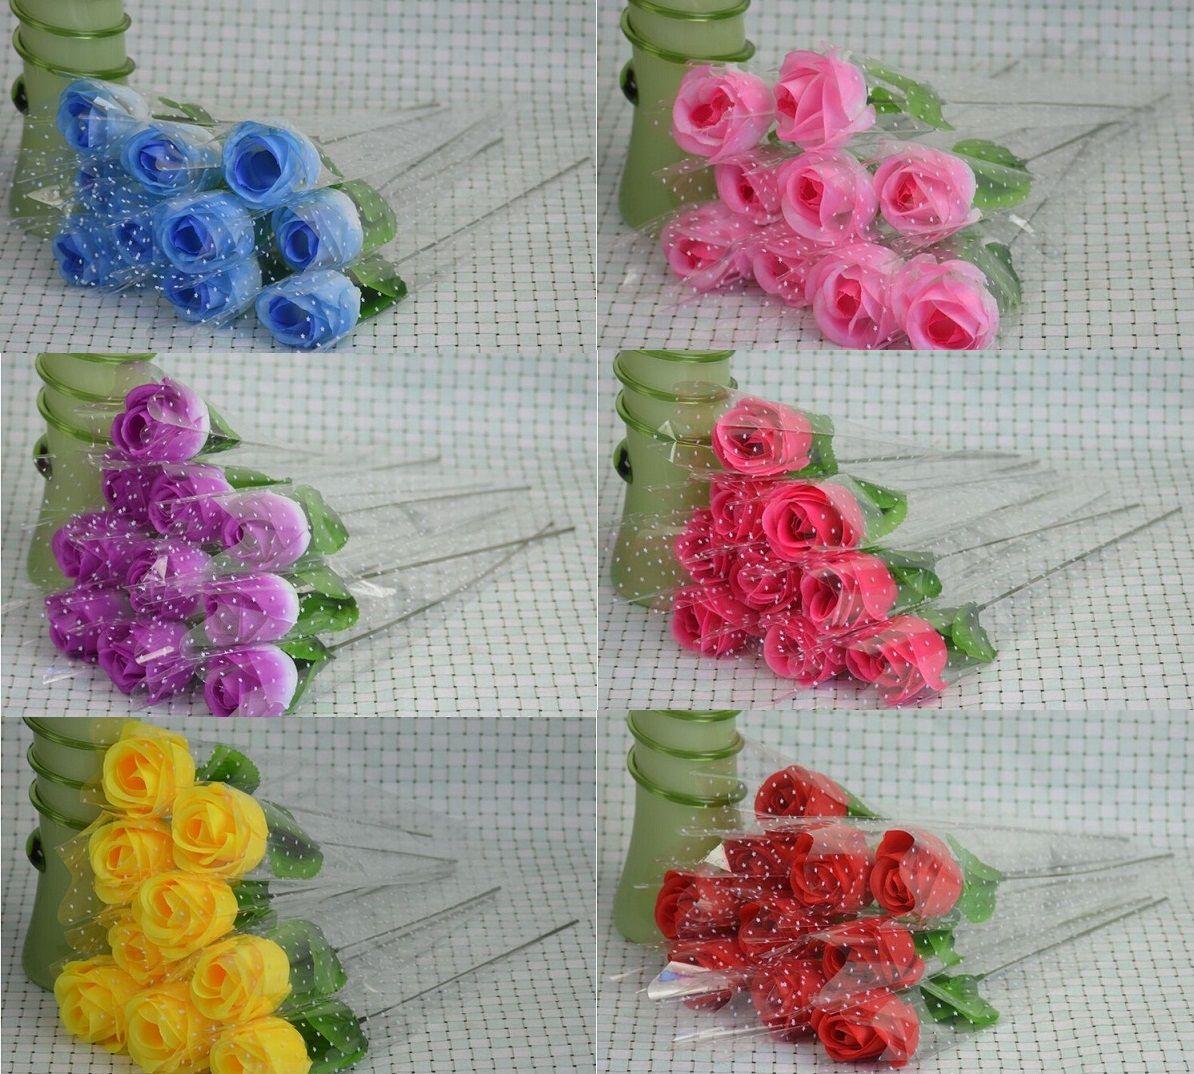 rosor artificiella 7 färger silke blomma bröllop brudbukett hem dekoration 2.3